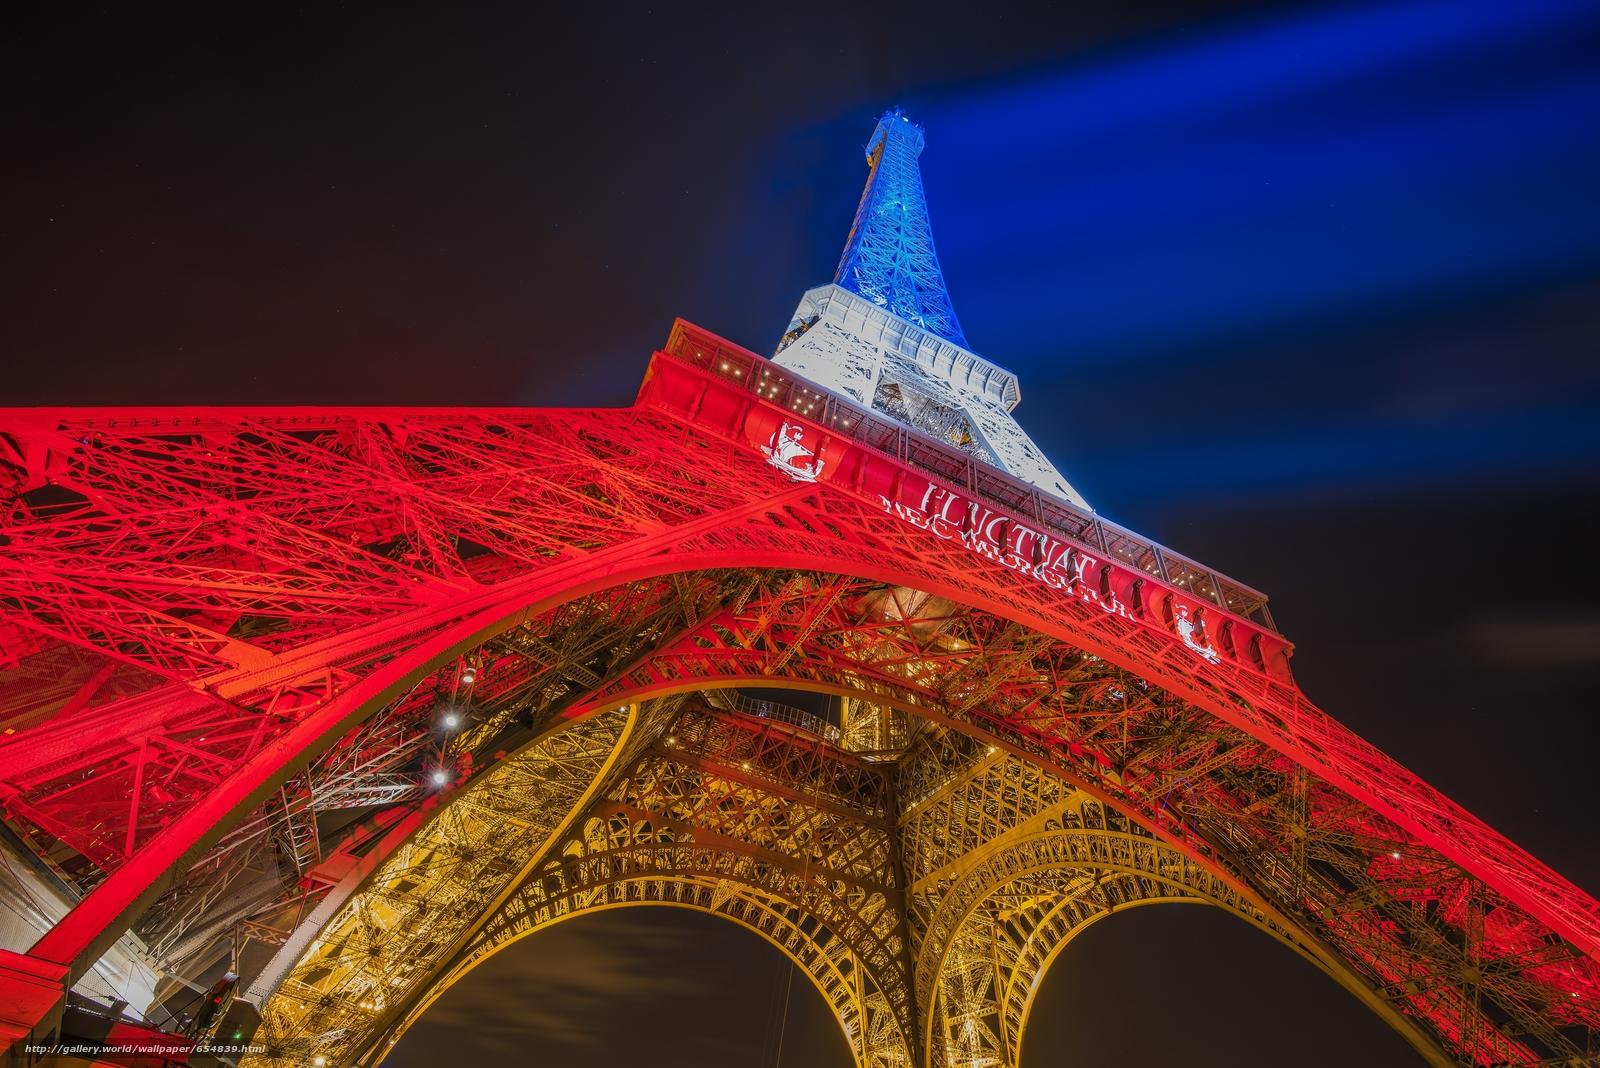 pobra tapety Wieża Eiffla,  Paryż,  Francja,  Wieża Eiffla Darmowe tapety na pulpit rozdzielczoci 7360x4912 — zdjcie №654839